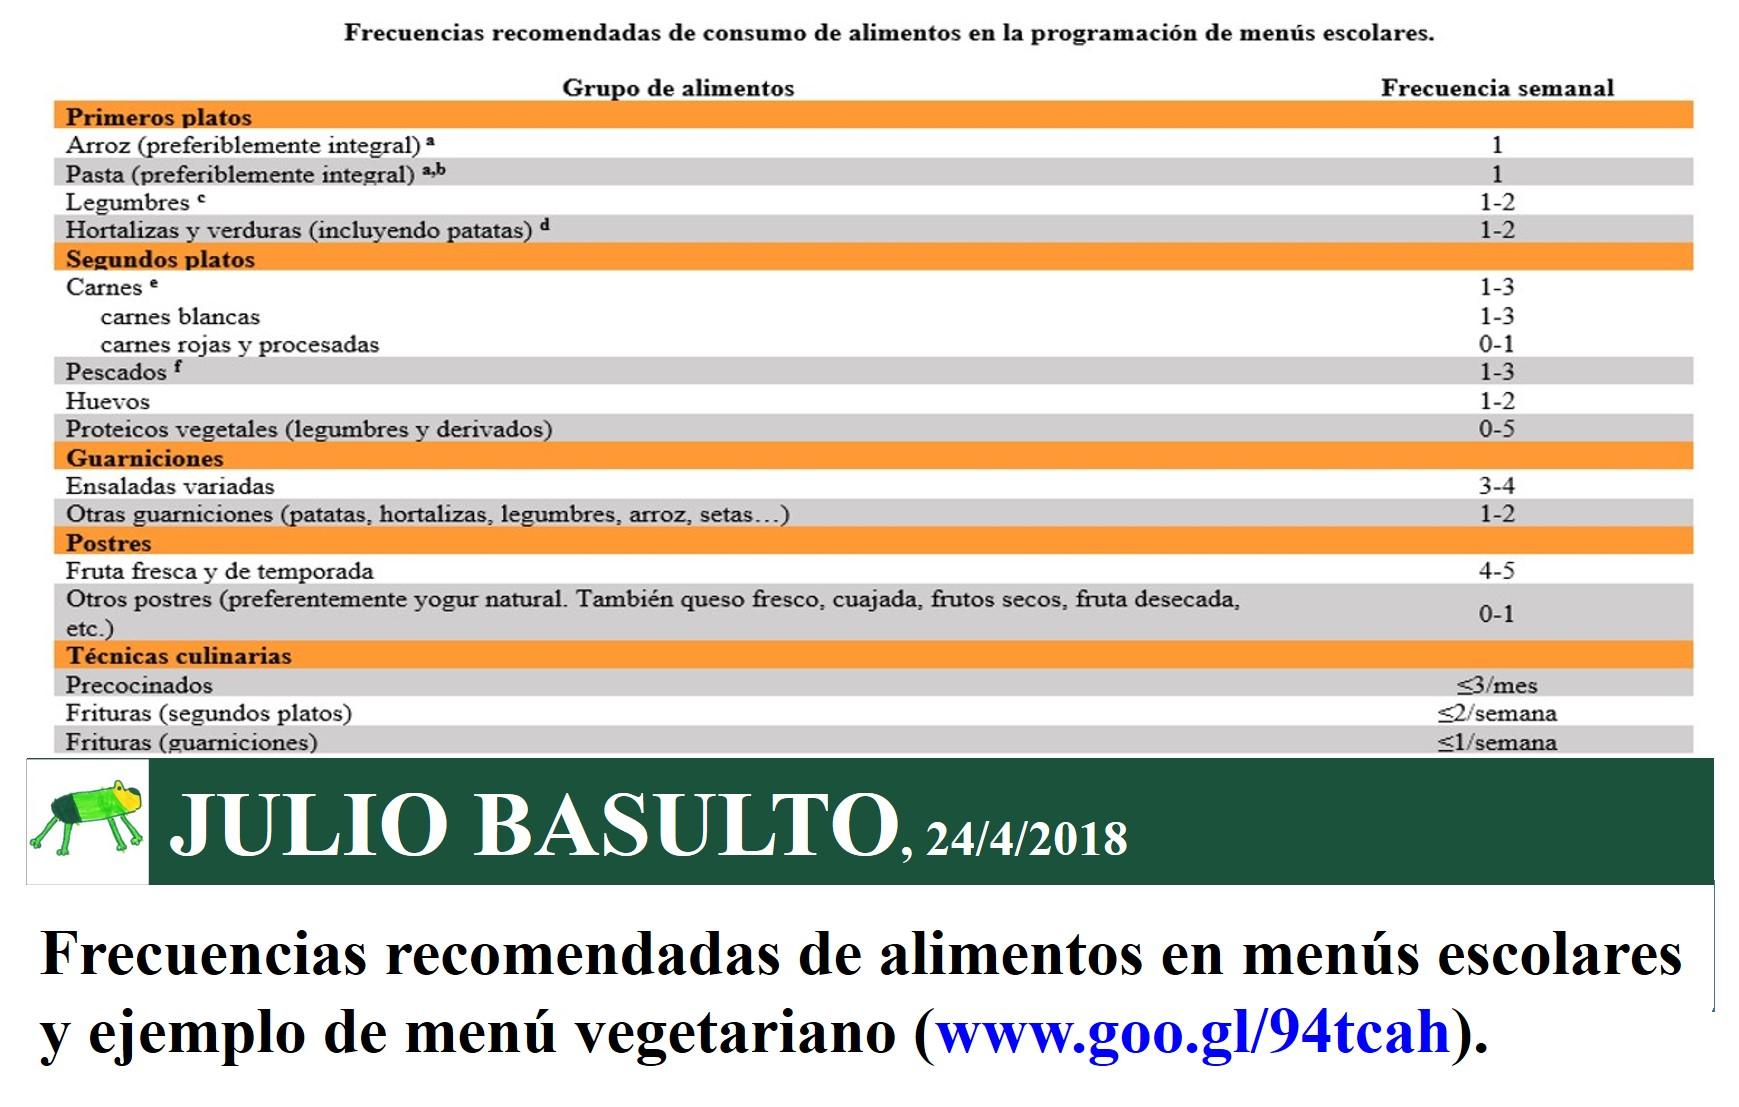 Frecuencias recomendadas de alimentos en menús escolares y ejemplo de menú vegetariano